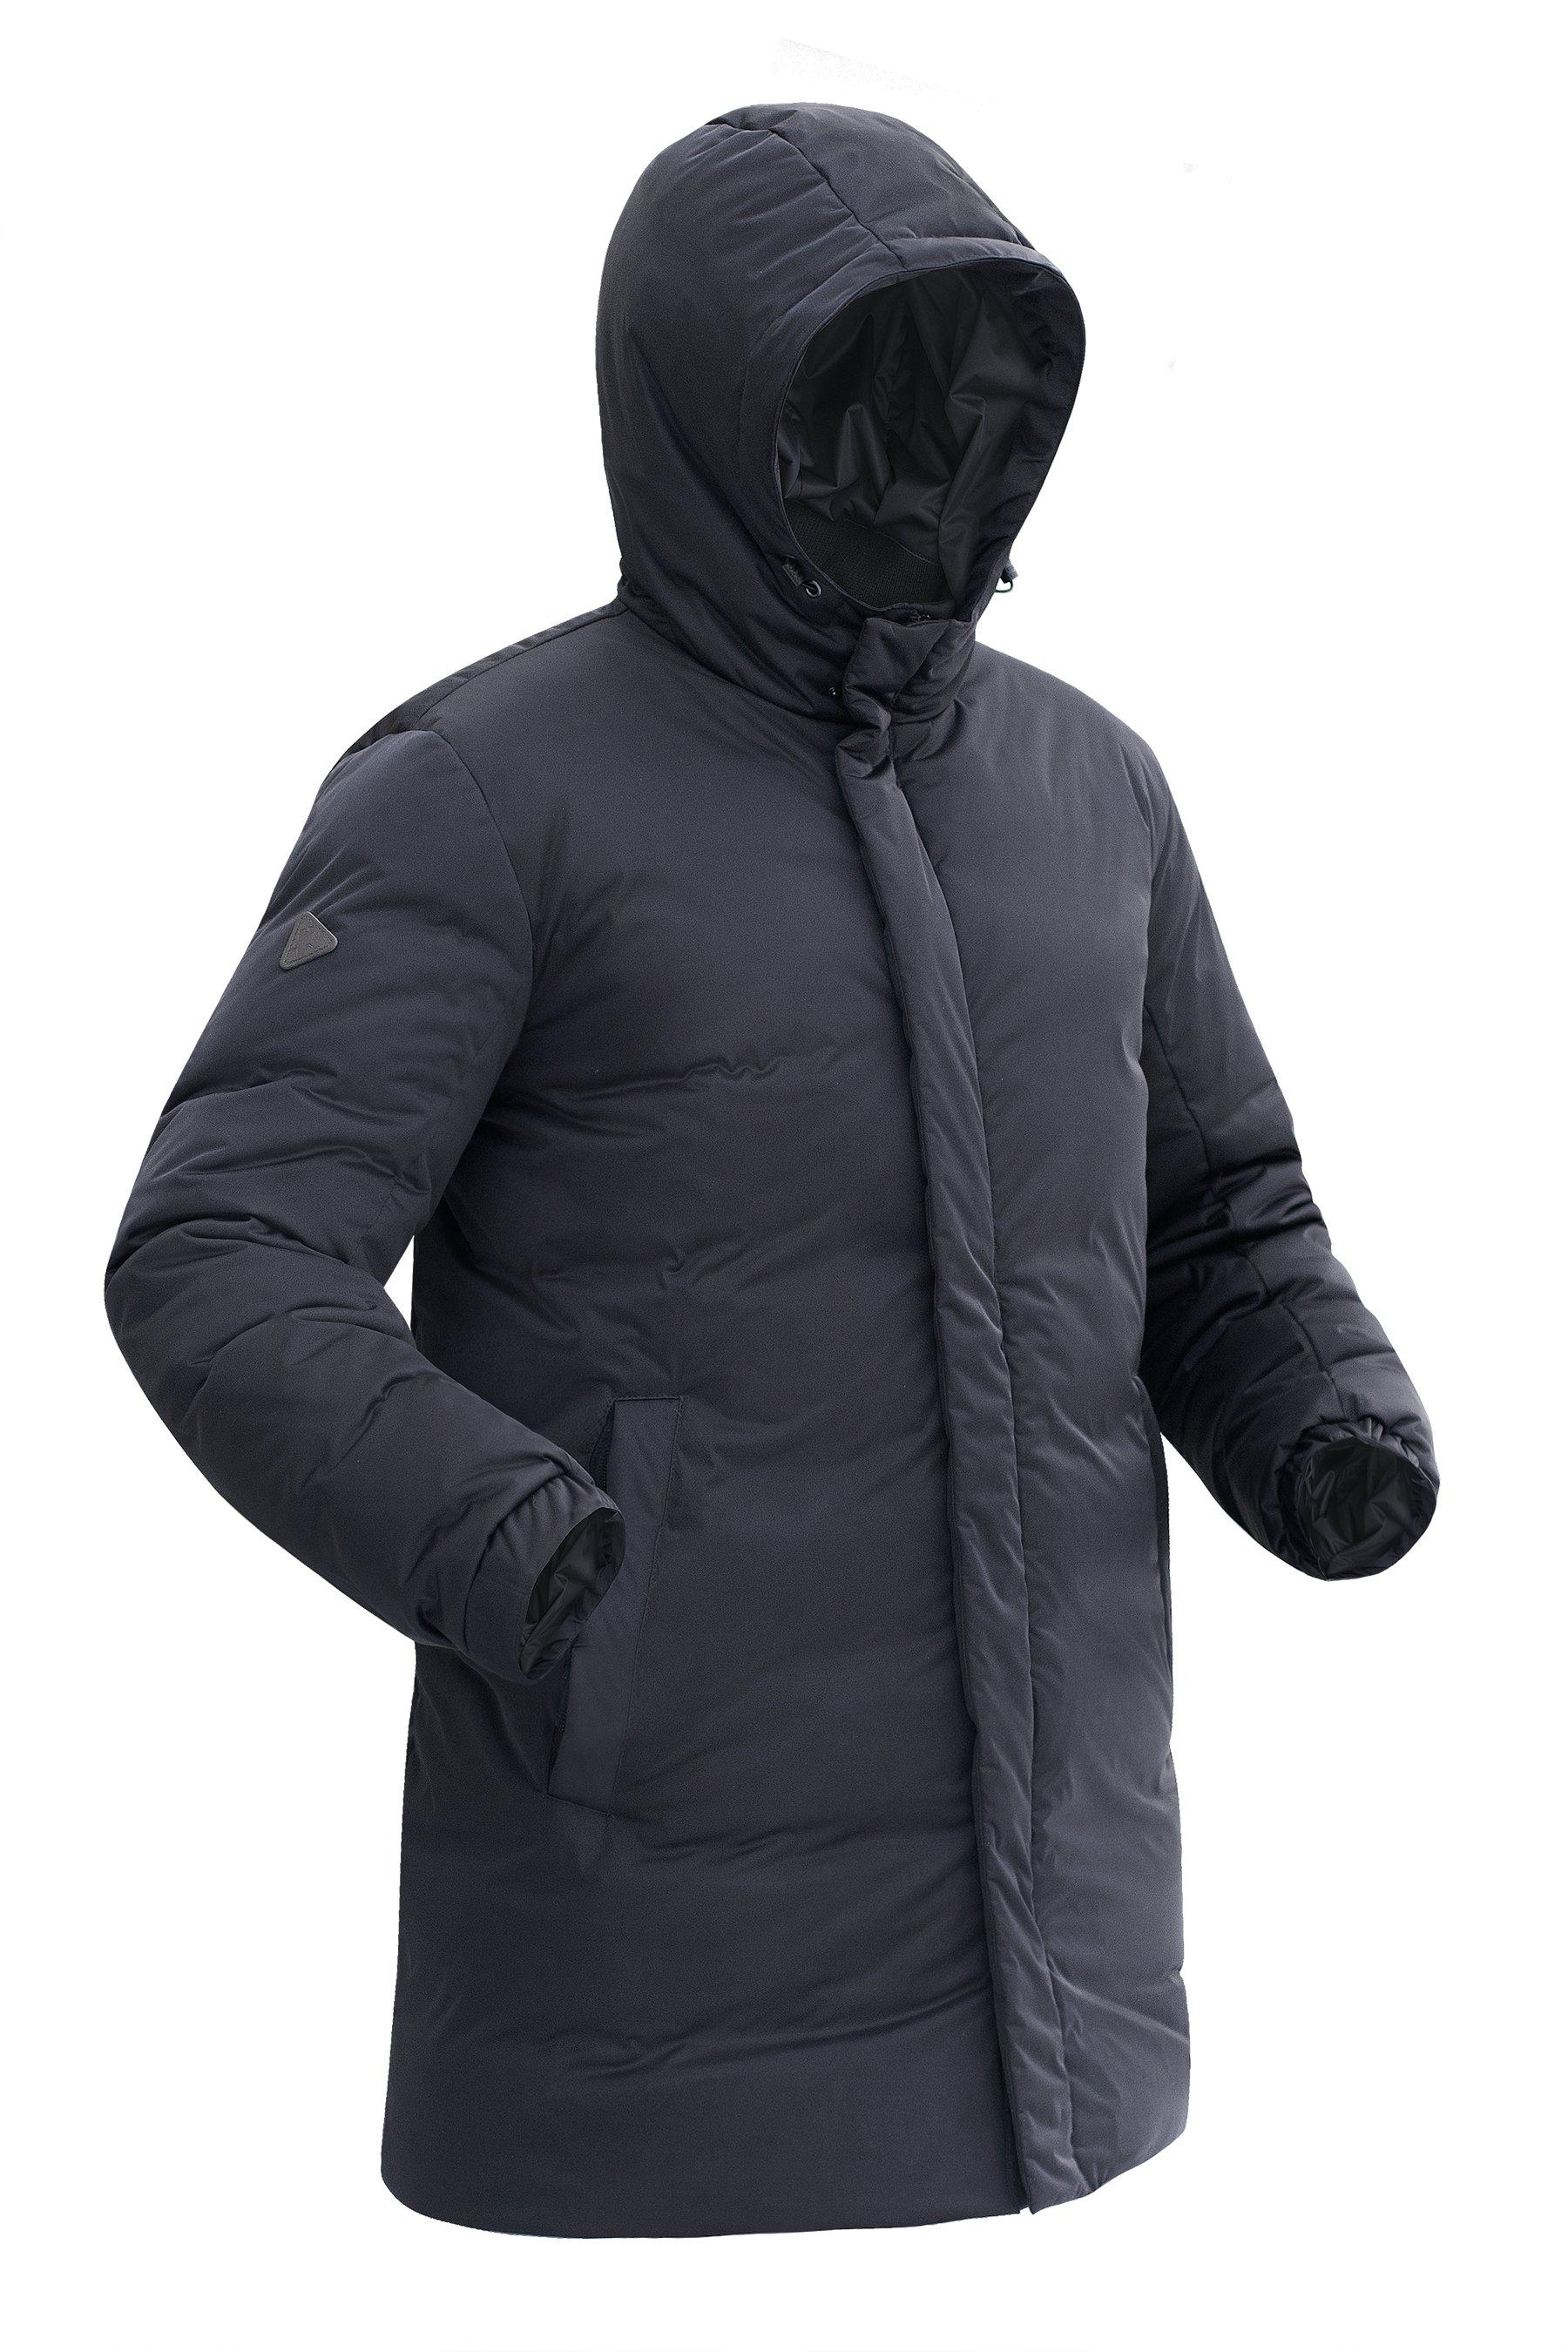 Пуховая куртка BASK ICEBERG LUX 5451Удлинённая городская куртка классического кроя из мягкой эластичной мембранной ткани Advance&amp;reg; Lux, утеплённая высококачественным гусиным пухом.<br><br>Верхняя ткань: Advance® Lux<br>Вес граммы: 950<br>Ветро-влагозащитные свойства верхней ткани: Нет<br>Ветрозащитная планка: Да<br>Ветрозащитная юбка: Нет<br>Влагозащитные молнии: Нет<br>Внутренние манжеты: Нет<br>Внутренняя ткань: Advance® Classic<br>Водонепроницаемость: 10000<br>Дублирующий центральную молнию клапан: Да<br>Защитный козырёк капюшона: Нет<br>Капюшон: несъемный<br>Карман для средств связи: Нет<br>Количество внешних карманов: 2<br>Количество внутренних карманов: 2<br>Мембрана: Advance® 2L<br>Объемный крой локтевой зоны: Нет<br>Отстёгивающиеся рукава: Нет<br>Паропроницаемость: 20000<br>Показатель Fill Power (для пуховых изделий): 700<br>Пол: Муж.<br>Проклейка швов: Нет<br>Регулировка манжетов рукавов: Да<br>Регулировка низа: Нет<br>Регулировка объёма капюшона: Да<br>Регулировка талии: Нет<br>Регулируемые вентиляционные отверстия: Нет<br>Световозвращающая лента: Нет<br>Технология Thermal Welding: Нет<br>Технология швов: простые<br>Тип молнии: двухзамковая<br>Тип утеплителя: натуральный<br>Усиление контактных зон: Нет<br>Утеплитель: гусиный пух<br>Размер RU: 48<br>Цвет: СЕРЫЙ